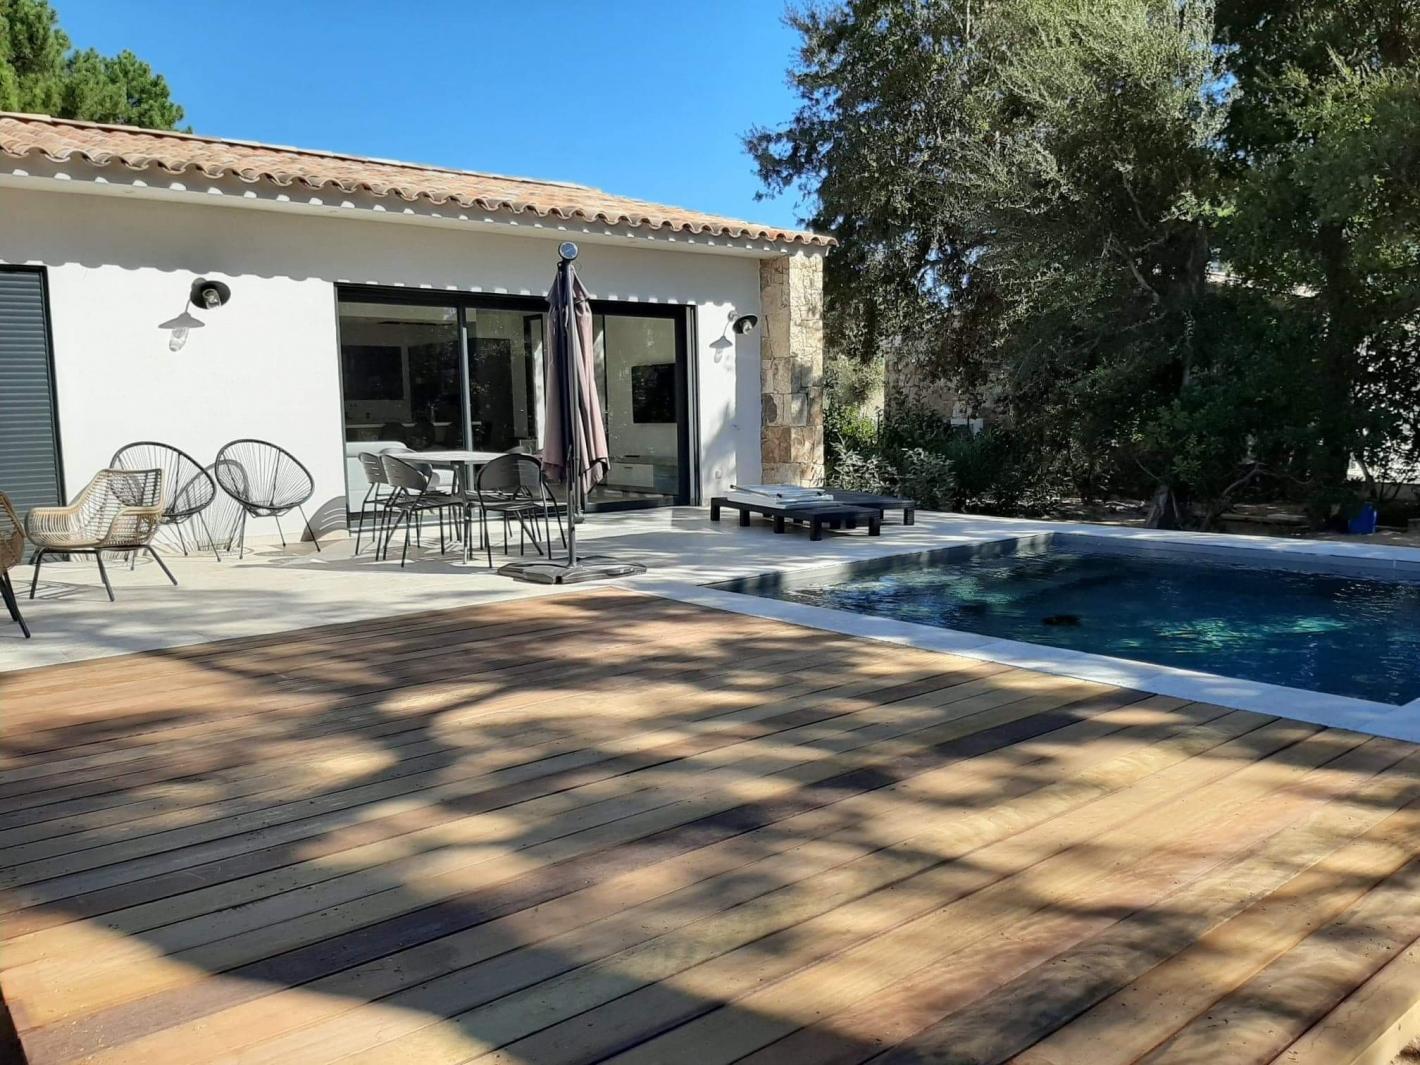 Location maison en pierre neuve avec piscine chauff e - Location maison piscine porto vecchio ...